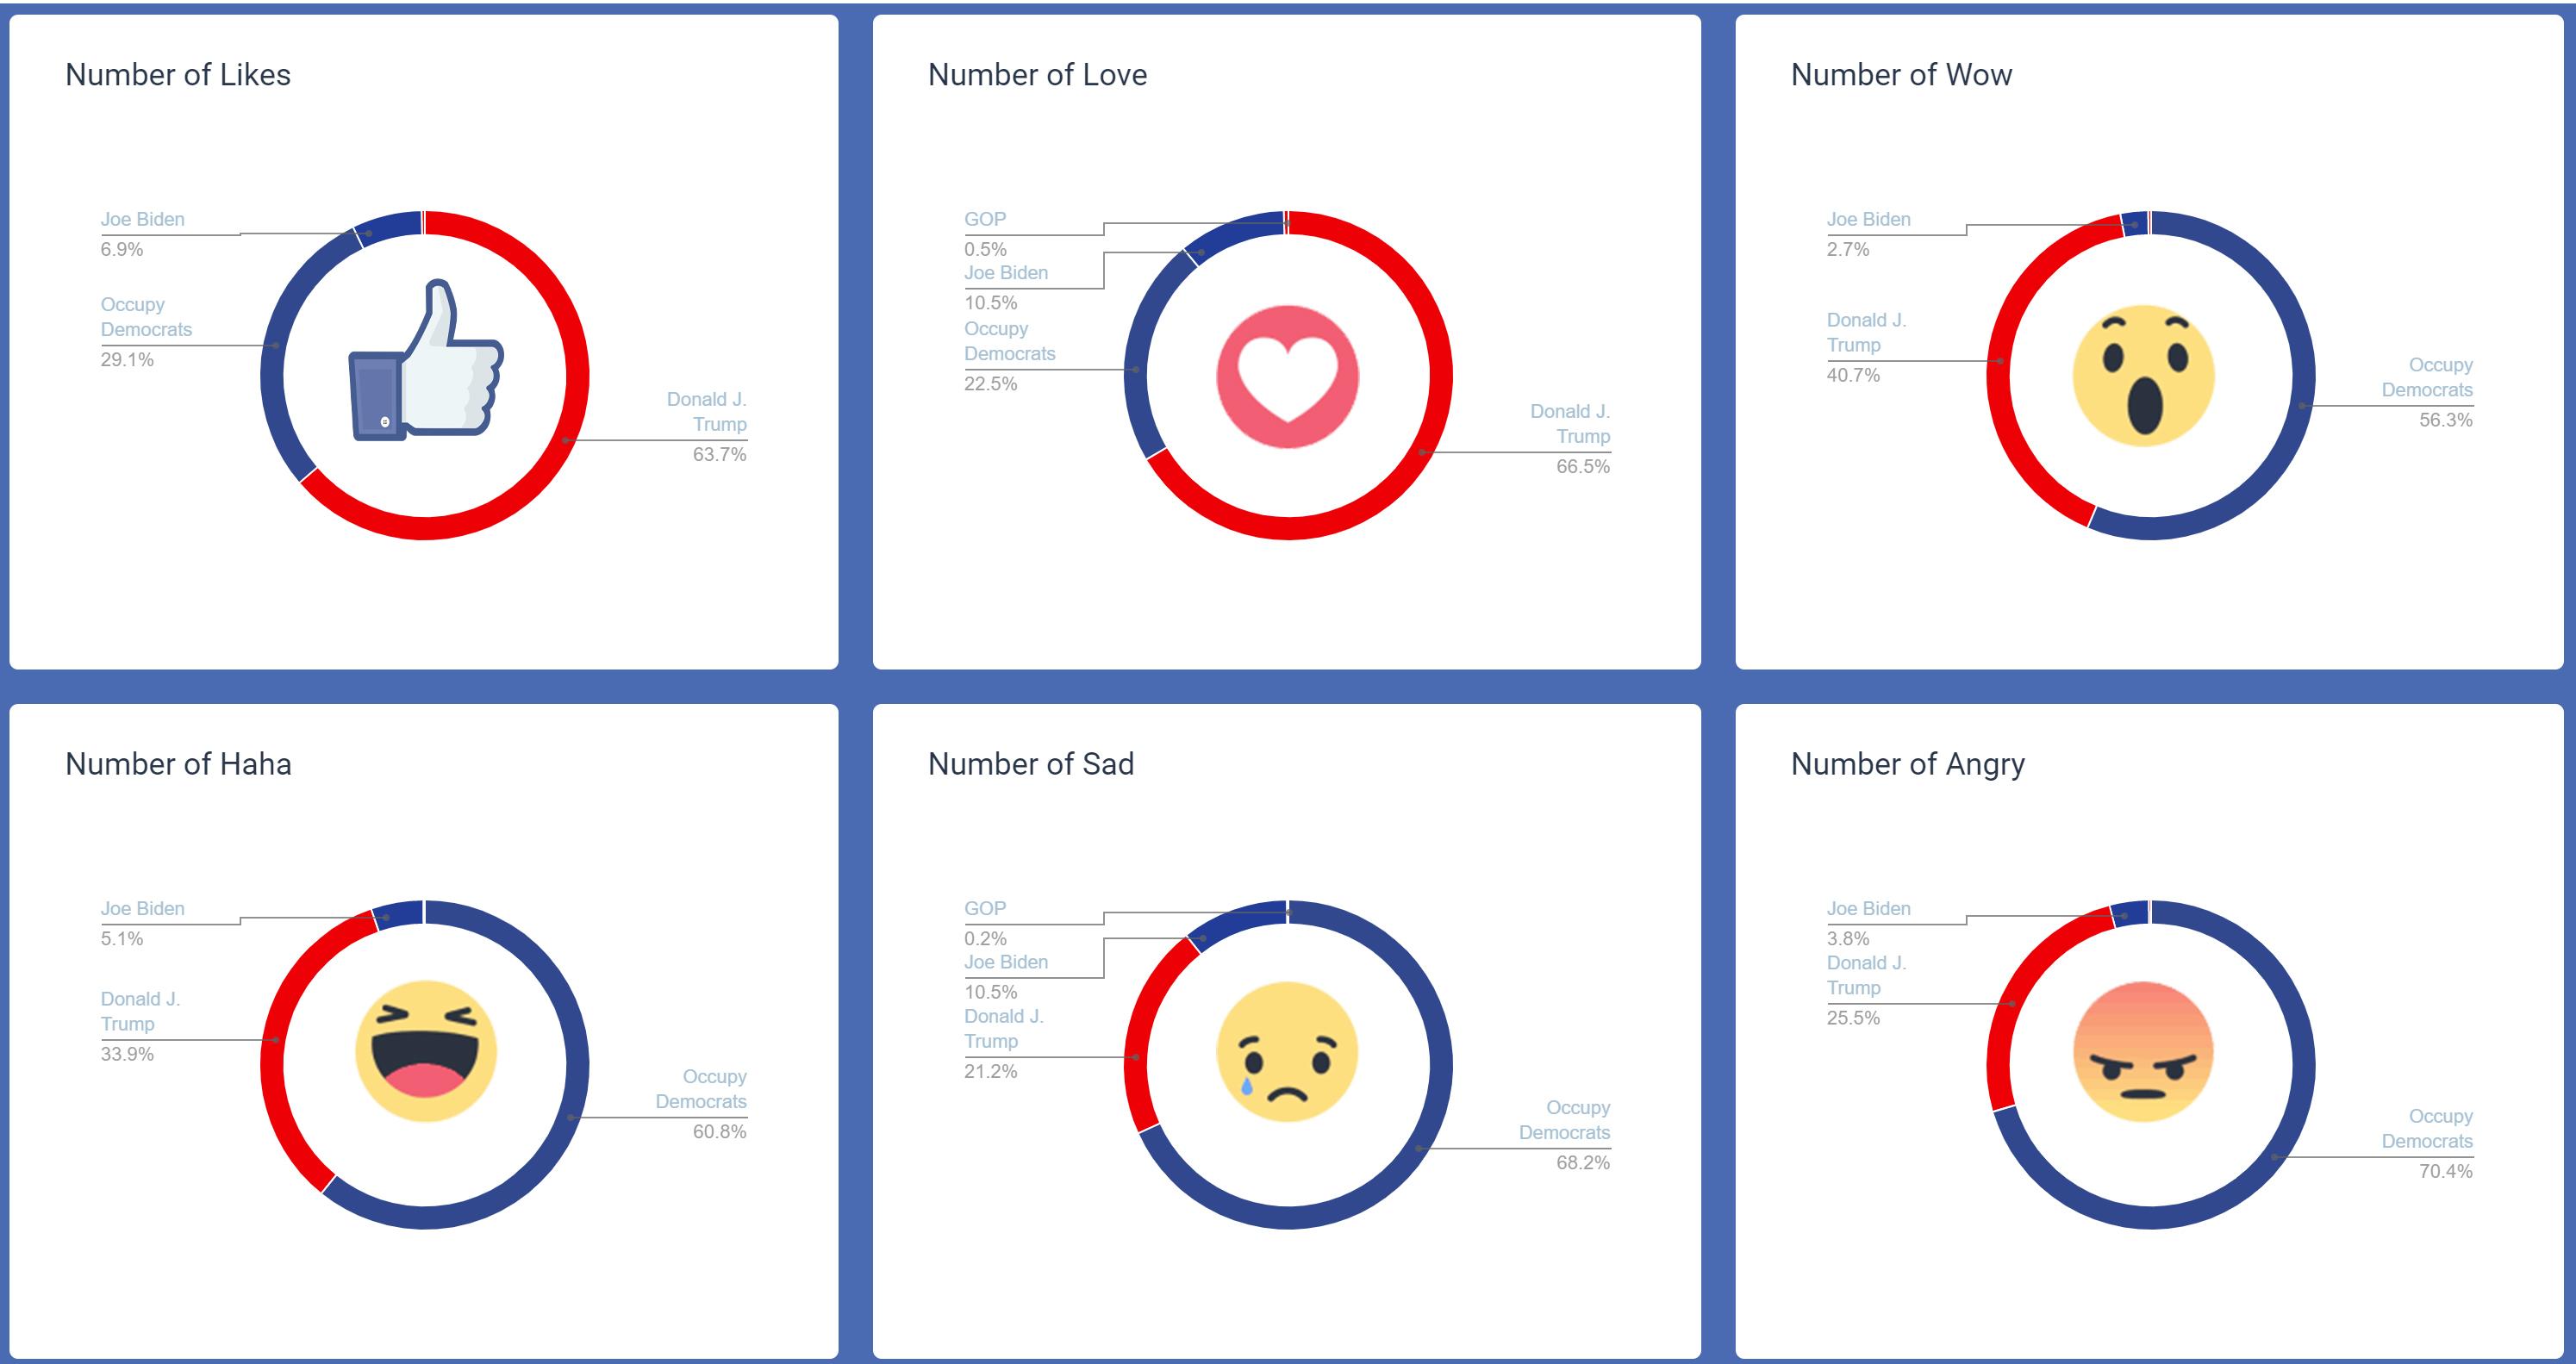 בחירות ארהב 2020 פייסבוק (6)